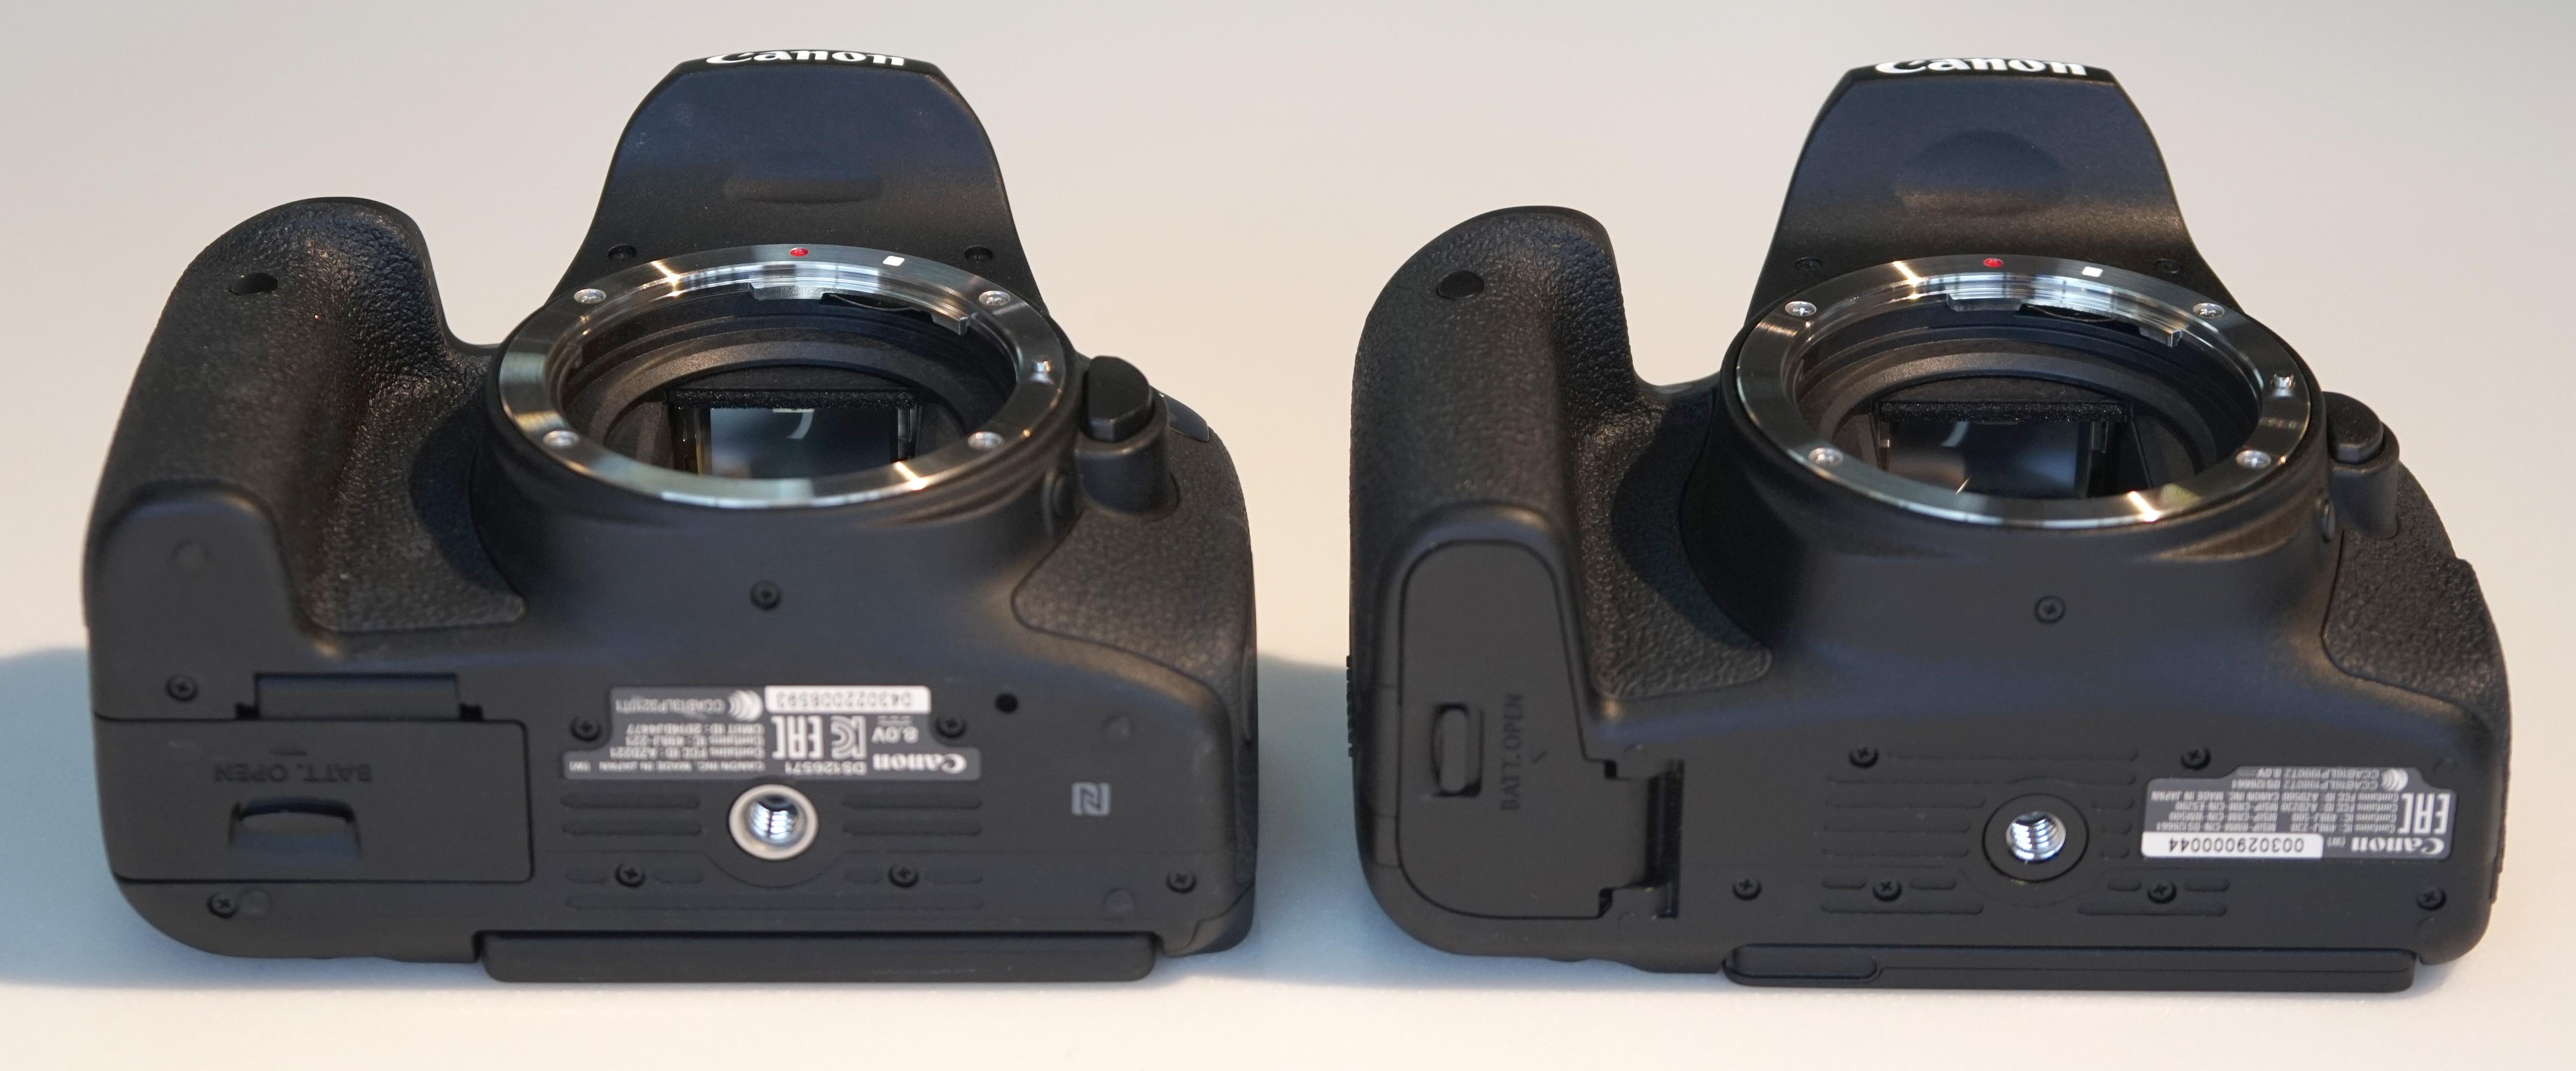 Canon Eos 800d Expert Review 750d Kit Ef S18 55mm Is Stm Eos750d 750 D Vs 1